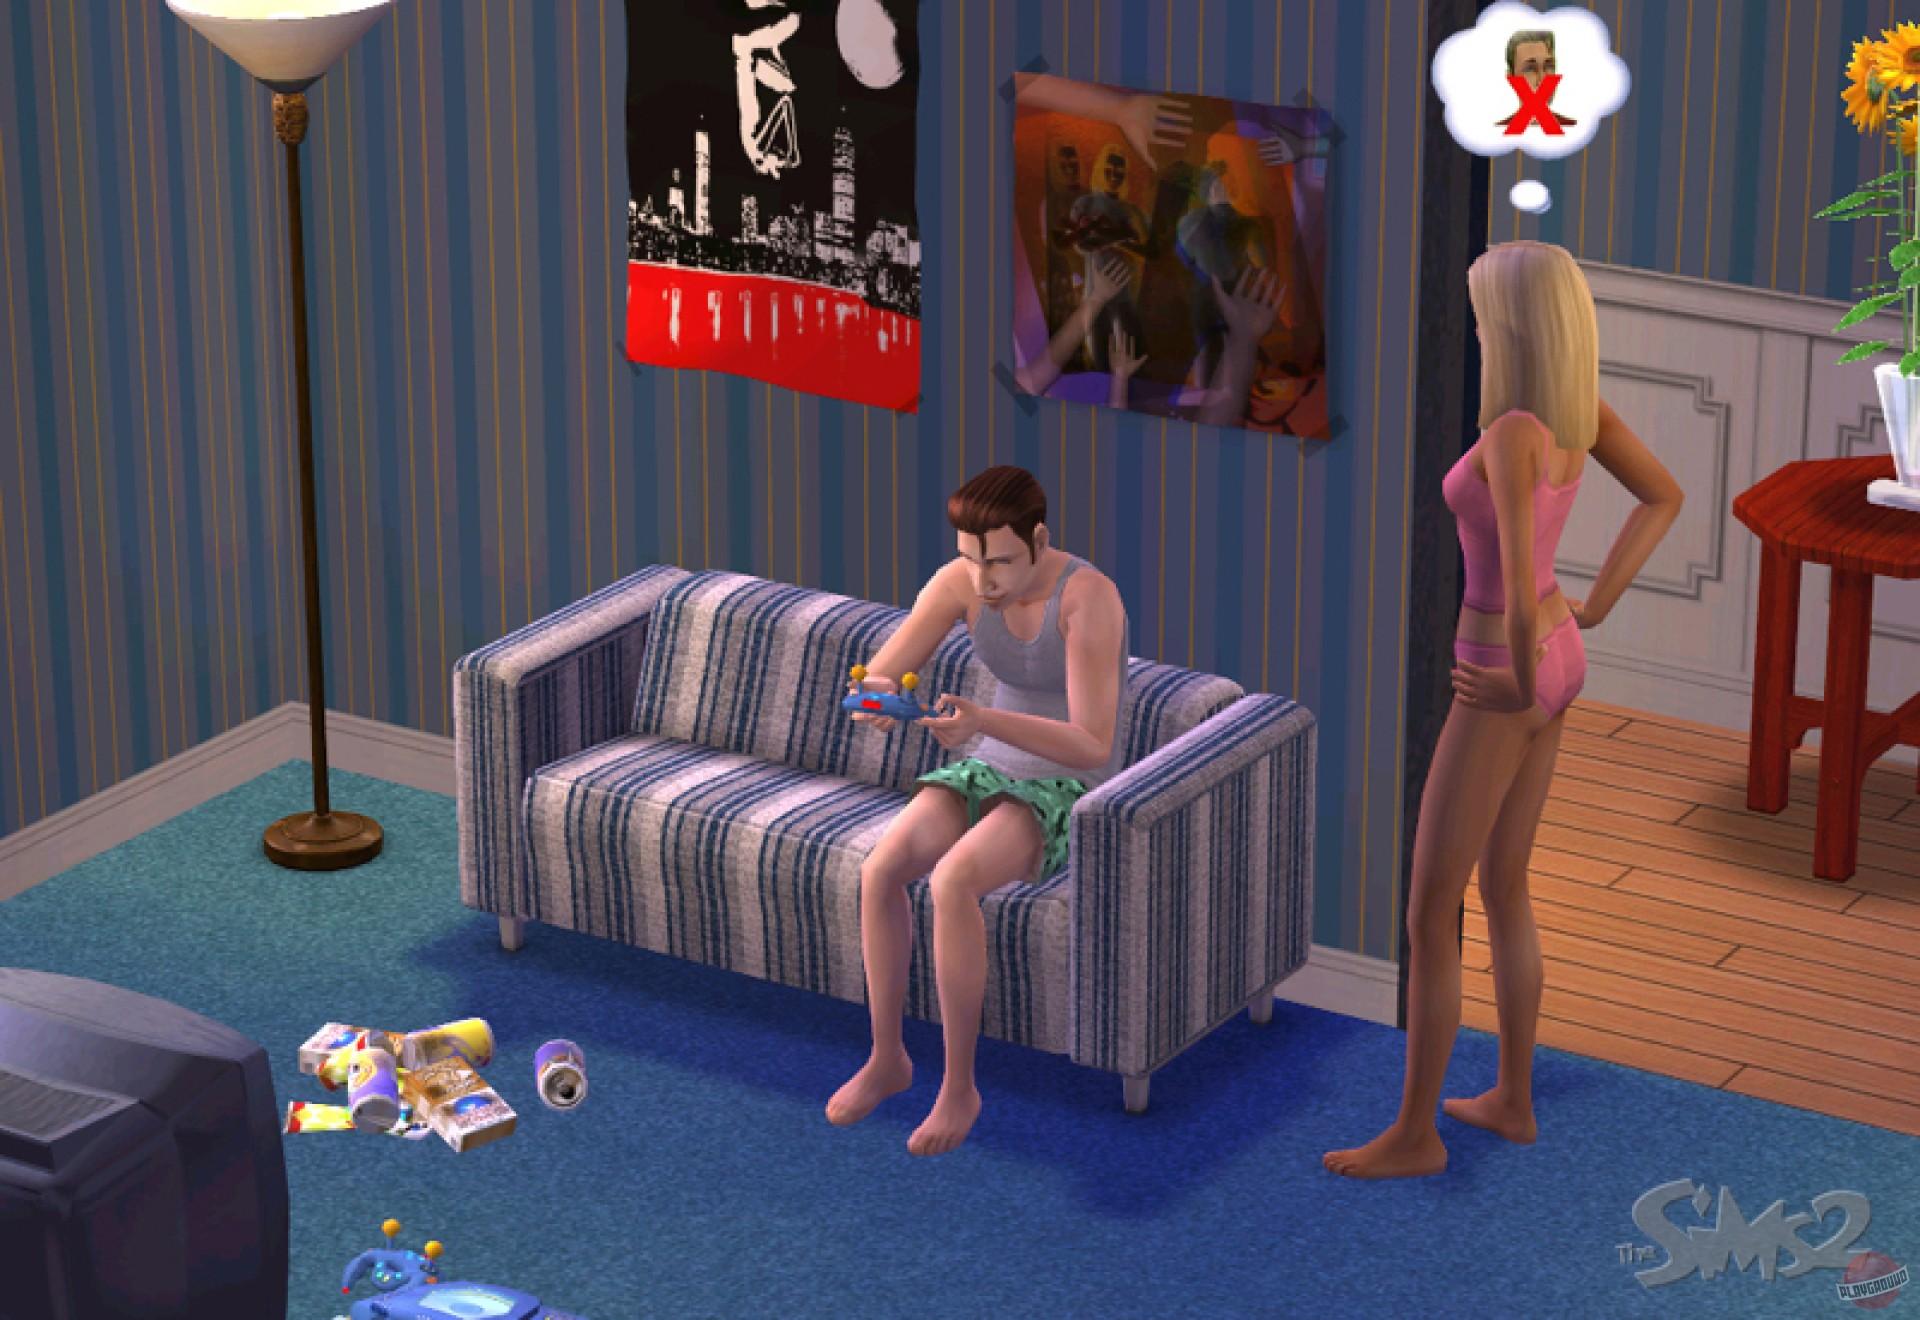 Секс онлайн игры знакомства, Эротическая флэш игра: Интернет-знакомство 6 фотография